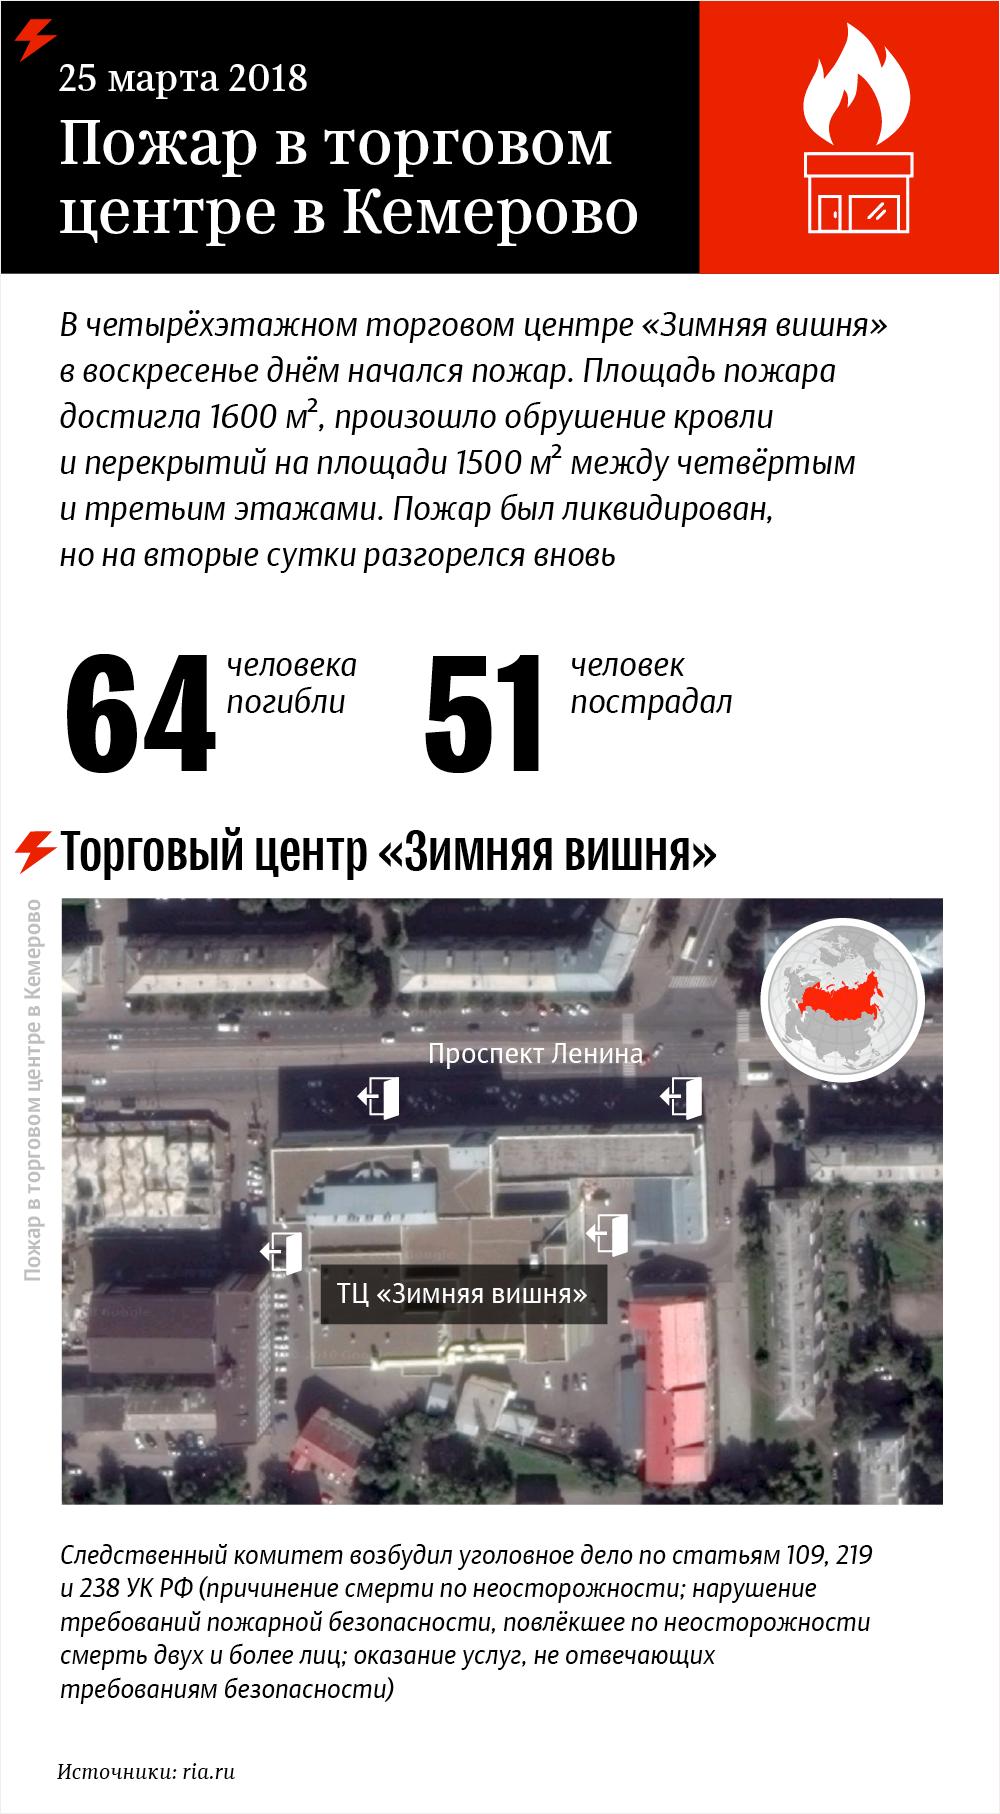 Пожар в торговом центре в Кемерово – инфографика на sputnik.by - Sputnik Абхазия